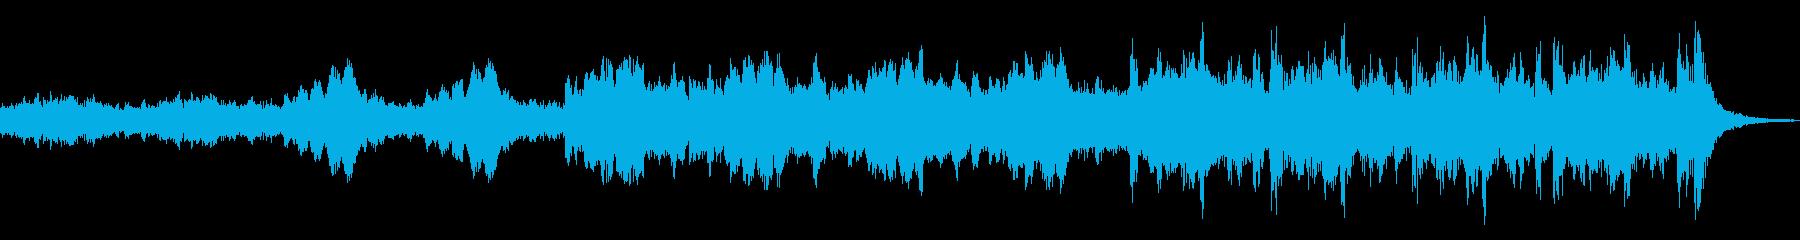 オーケストラ楽器。渦巻くドラマチッ...の再生済みの波形